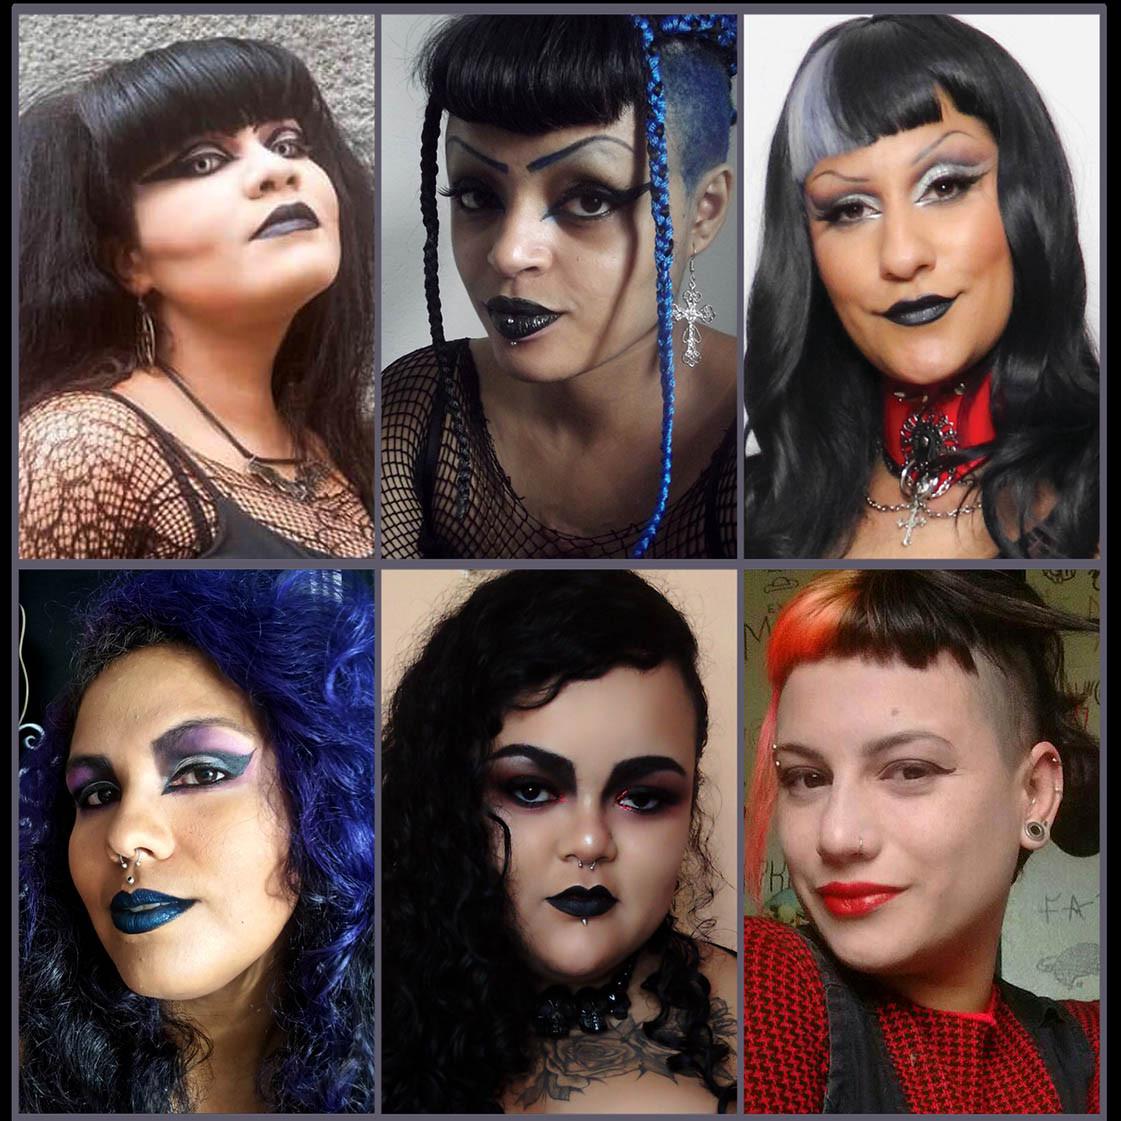 Entrevista com 6 Youtubers Góticas sobre Preconceitos e Agressões que Sofrem